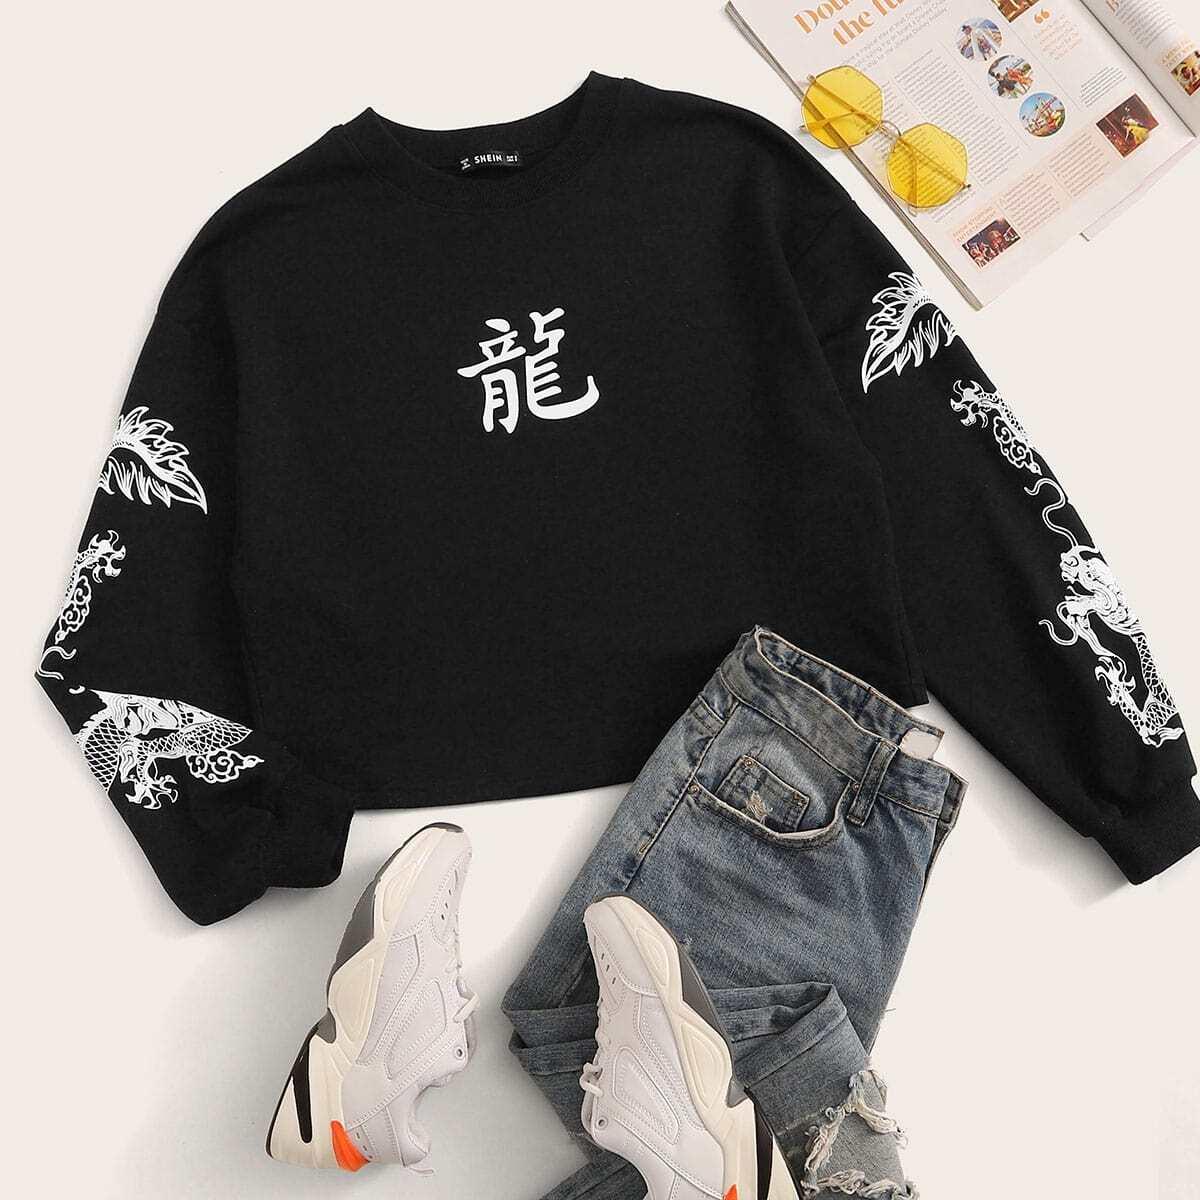 Пуловер с принтом китайского дракона и иероглифа